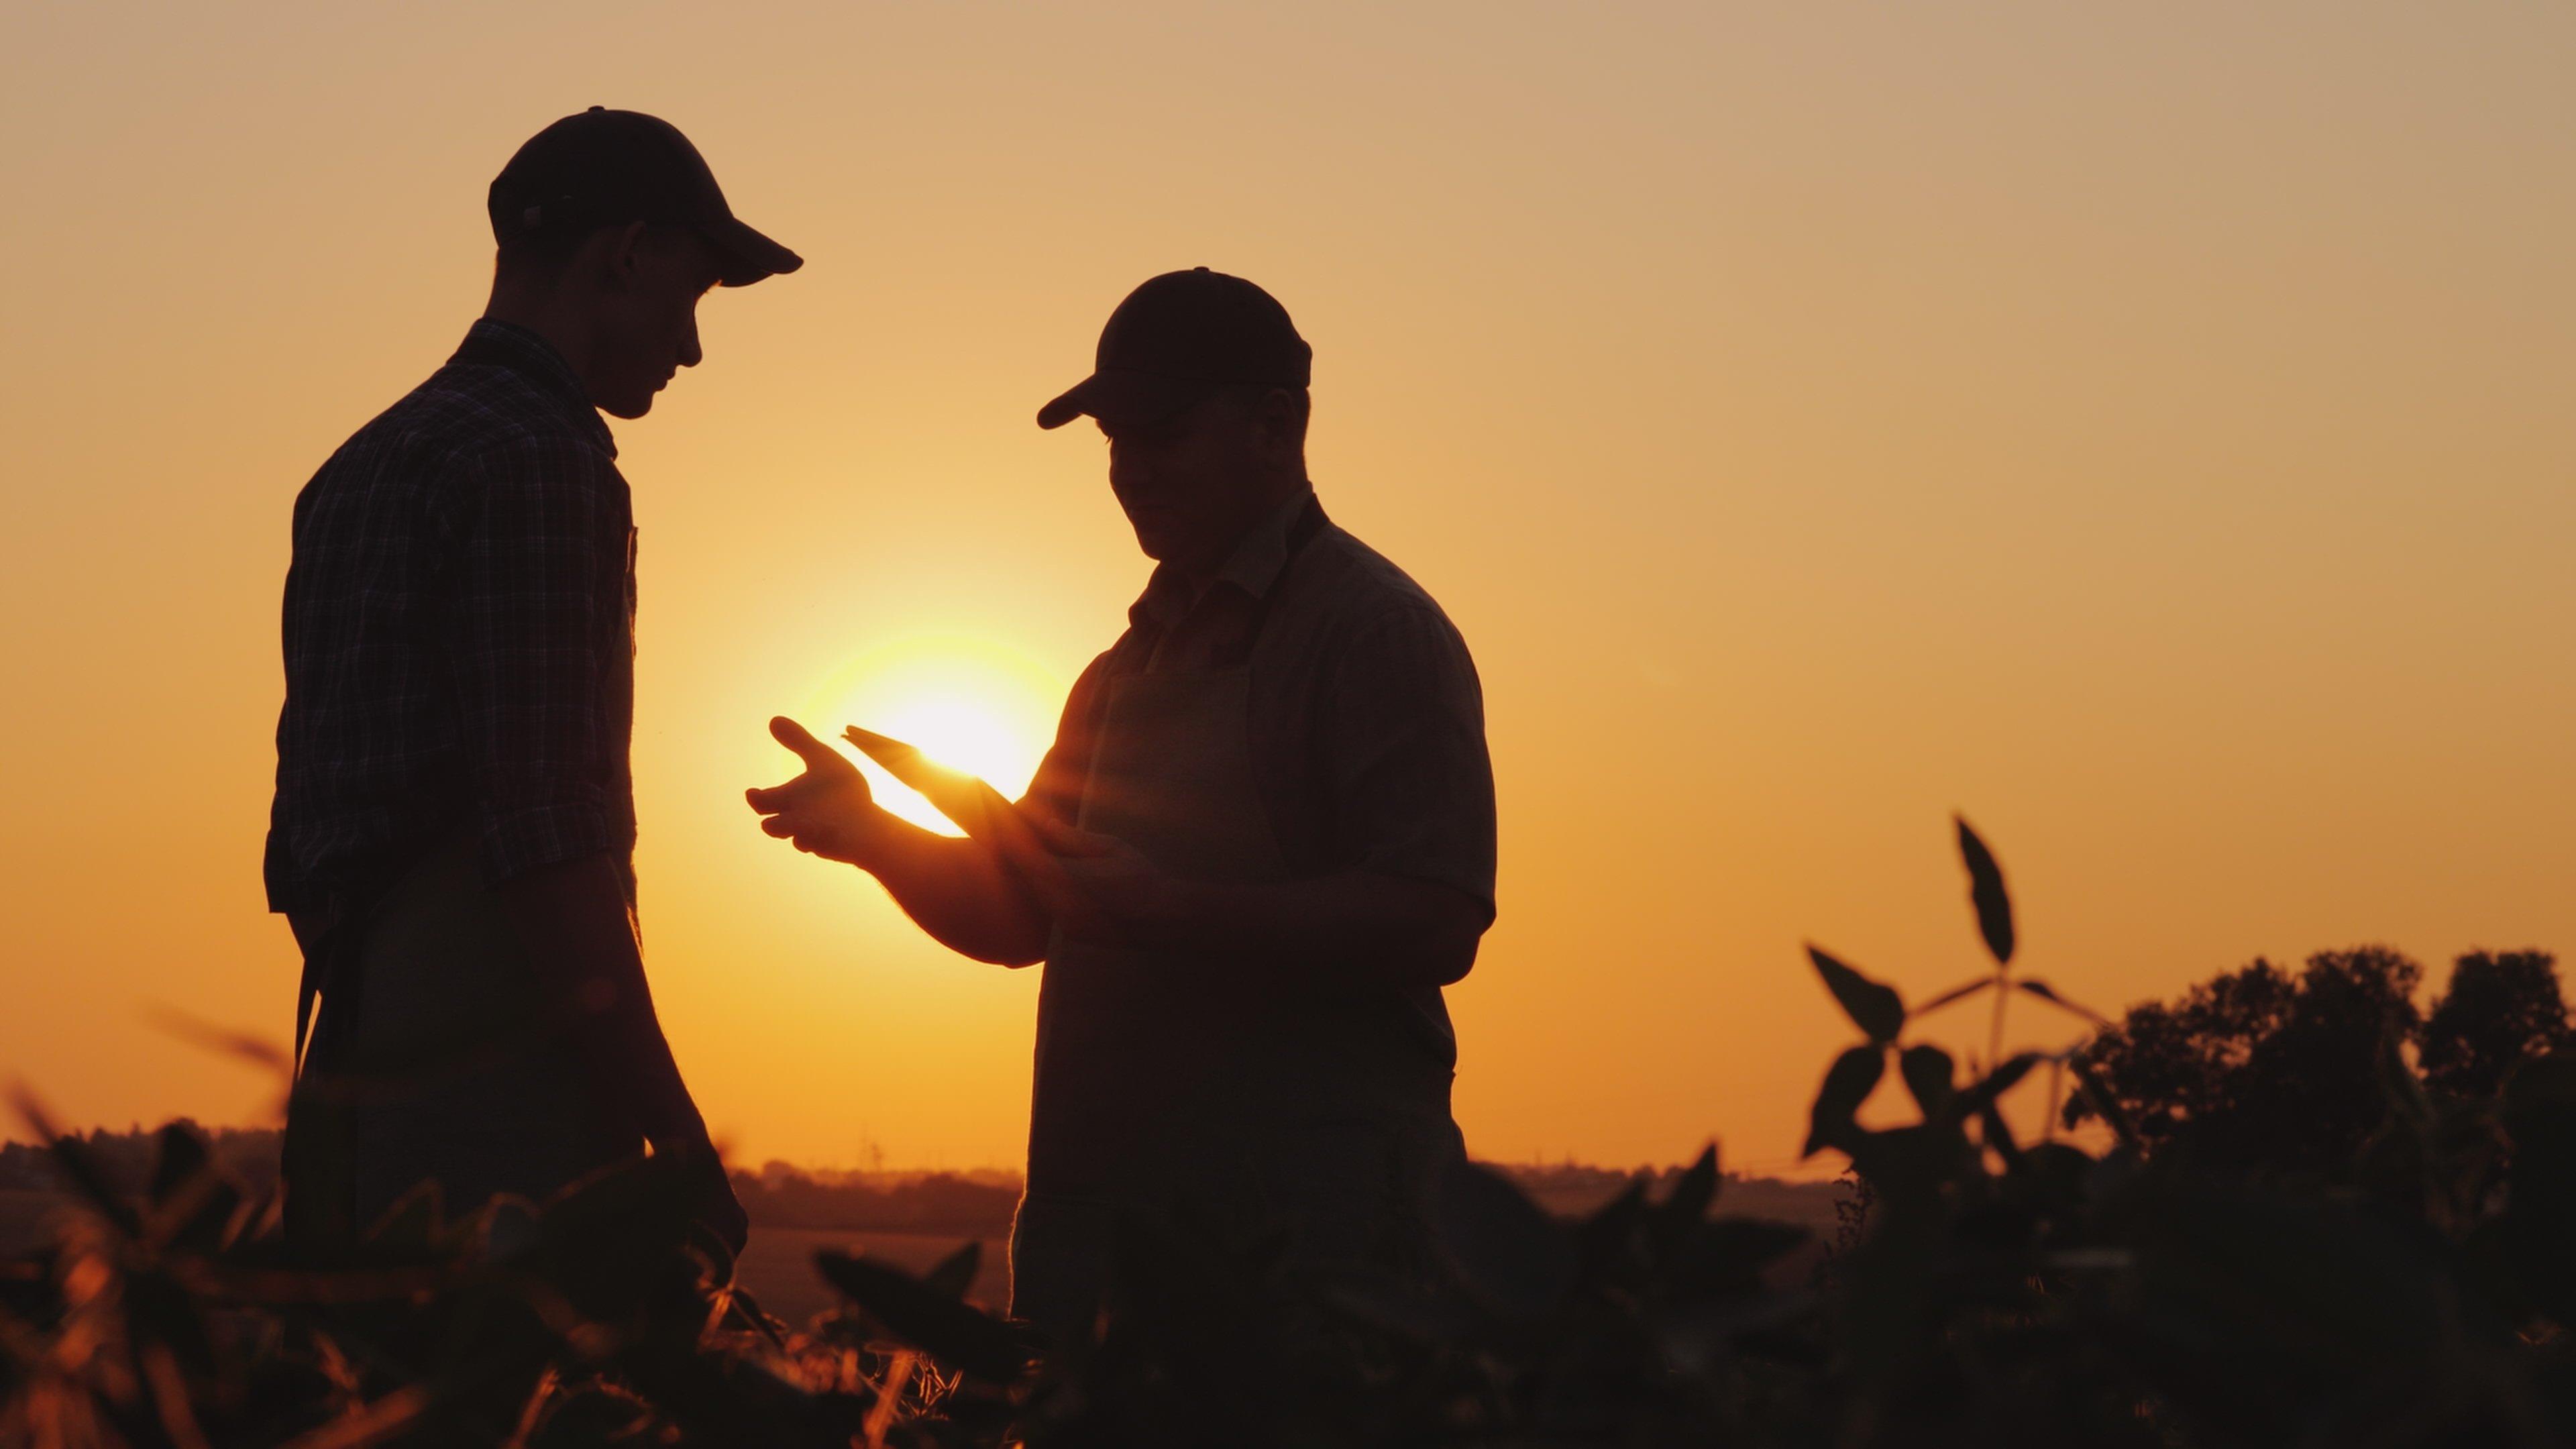 farmer-sunrise-sunset-field-male-man